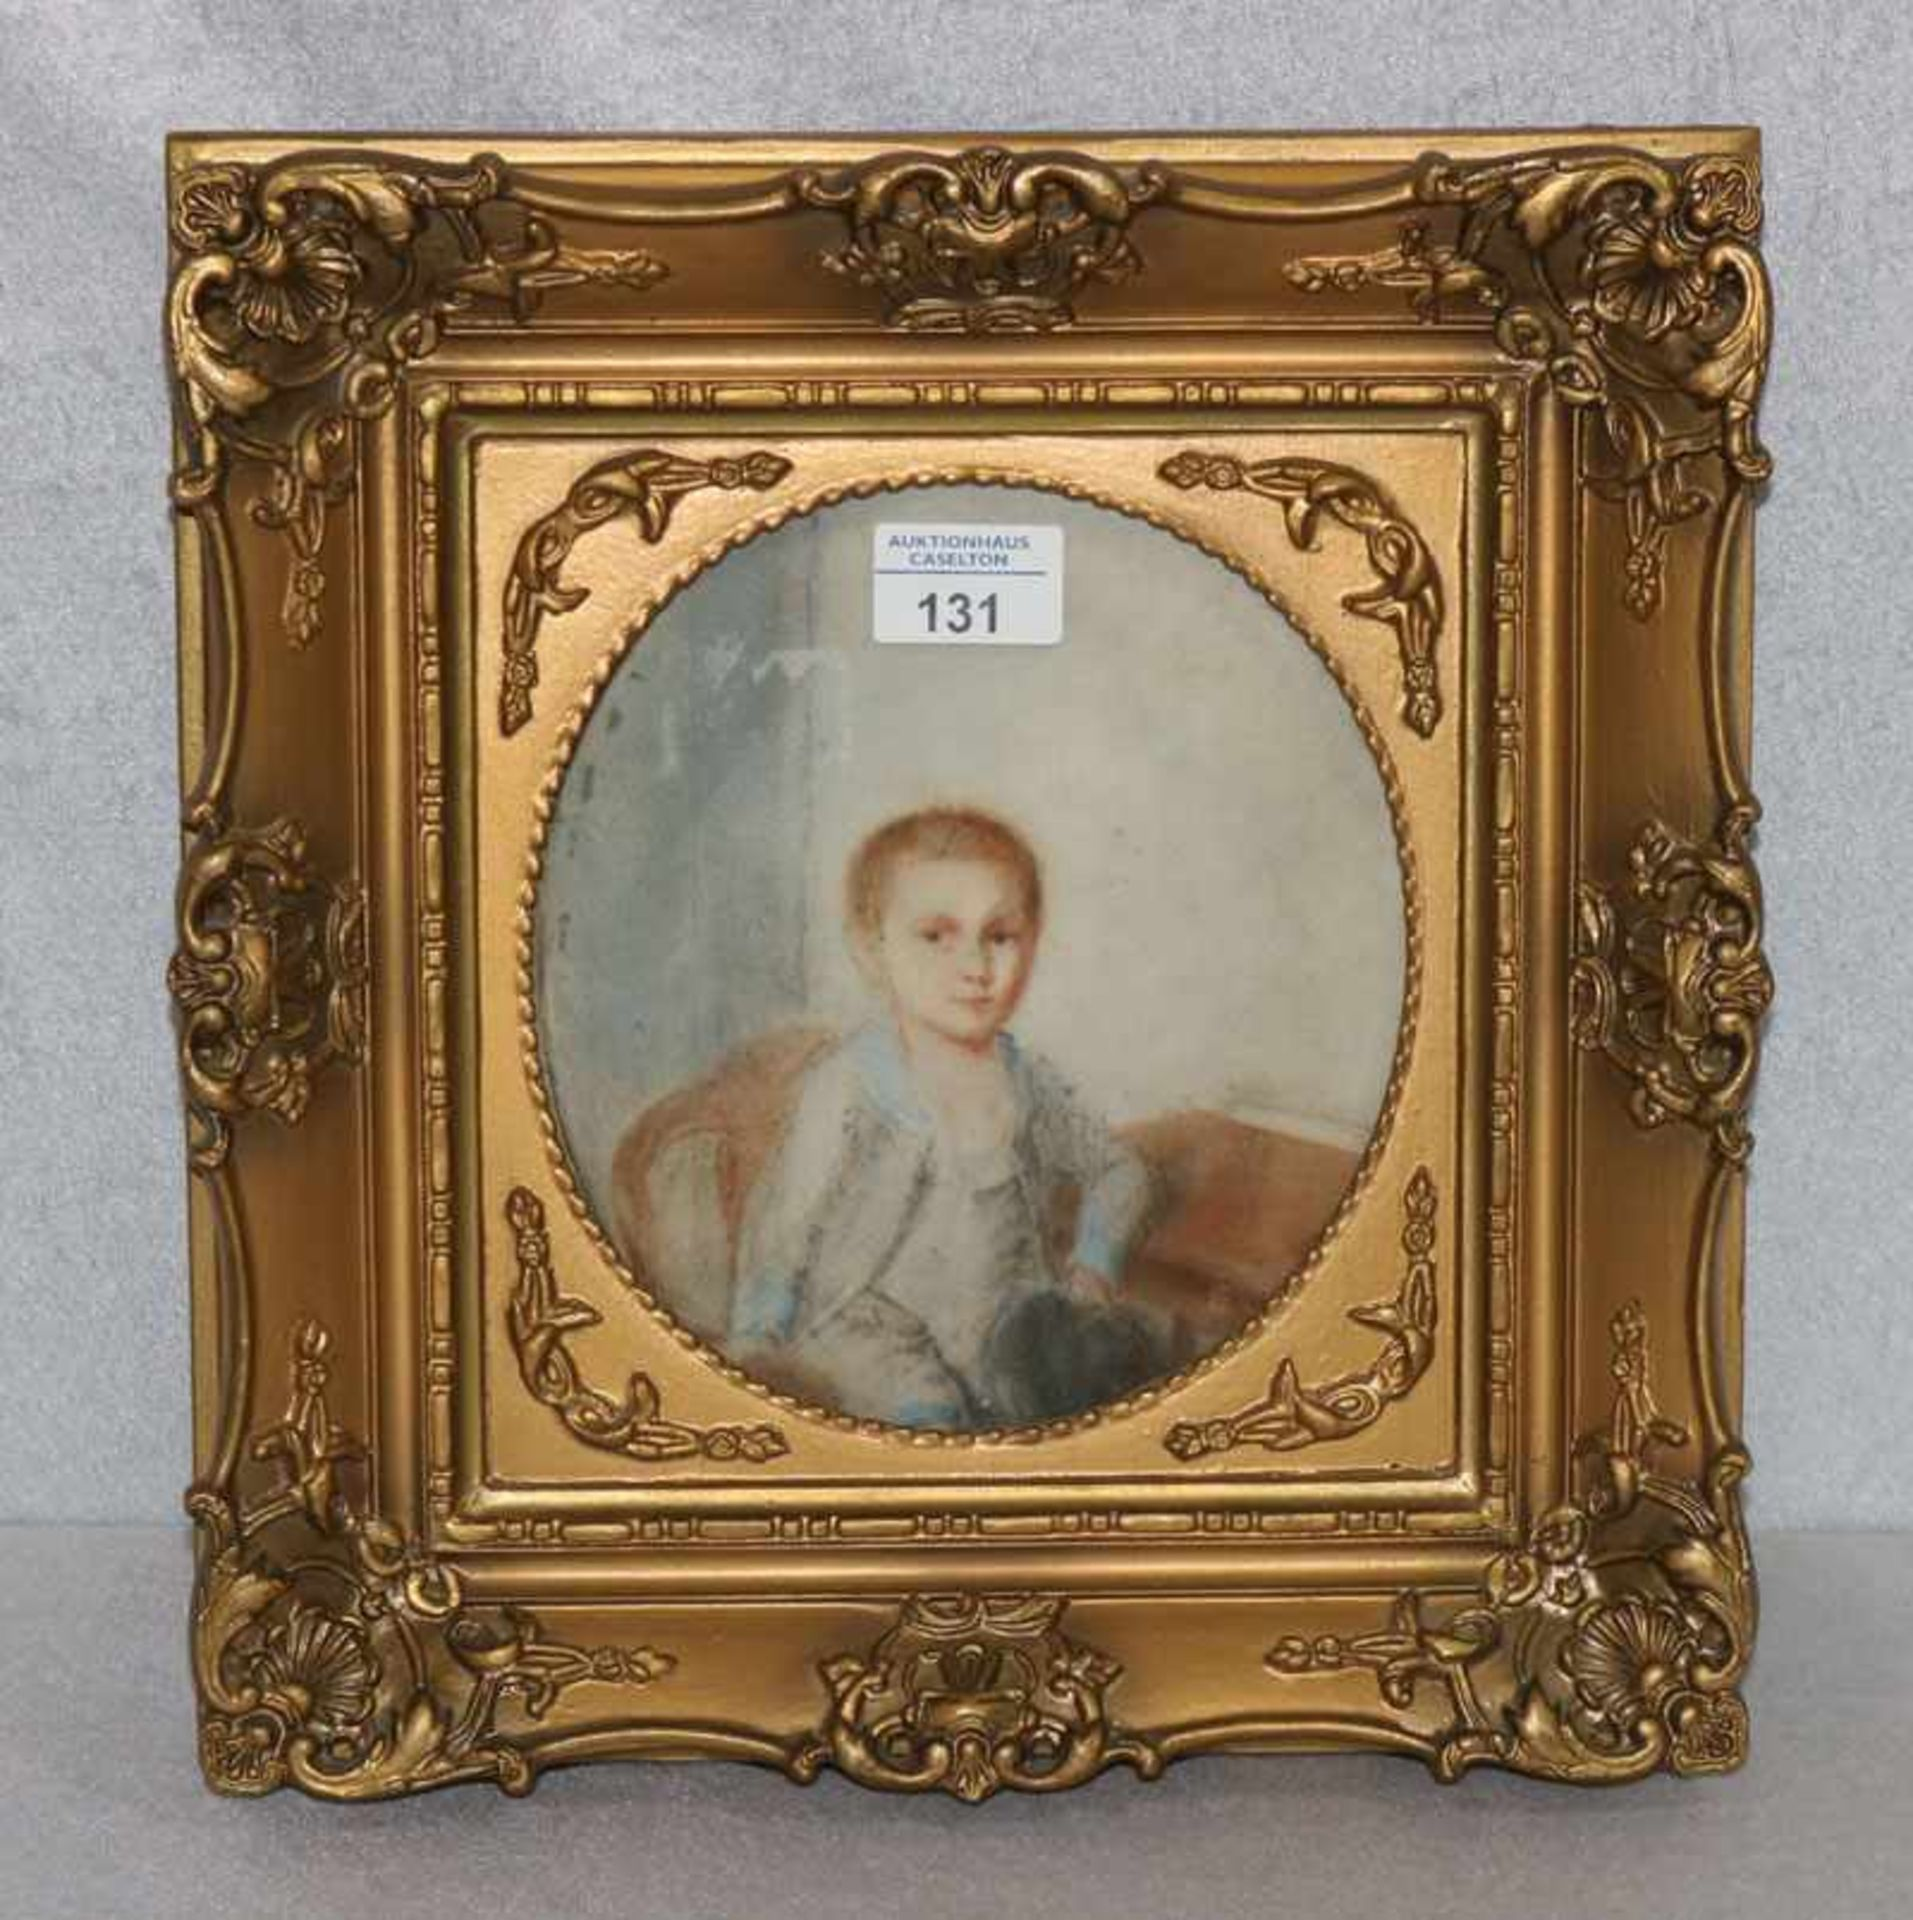 Los 131 - Gemälde Mischtechnik 'Jungenbildnis', oval unter Glas gerahmt, Rahmen leicht berieben 33 cm x 32 cm